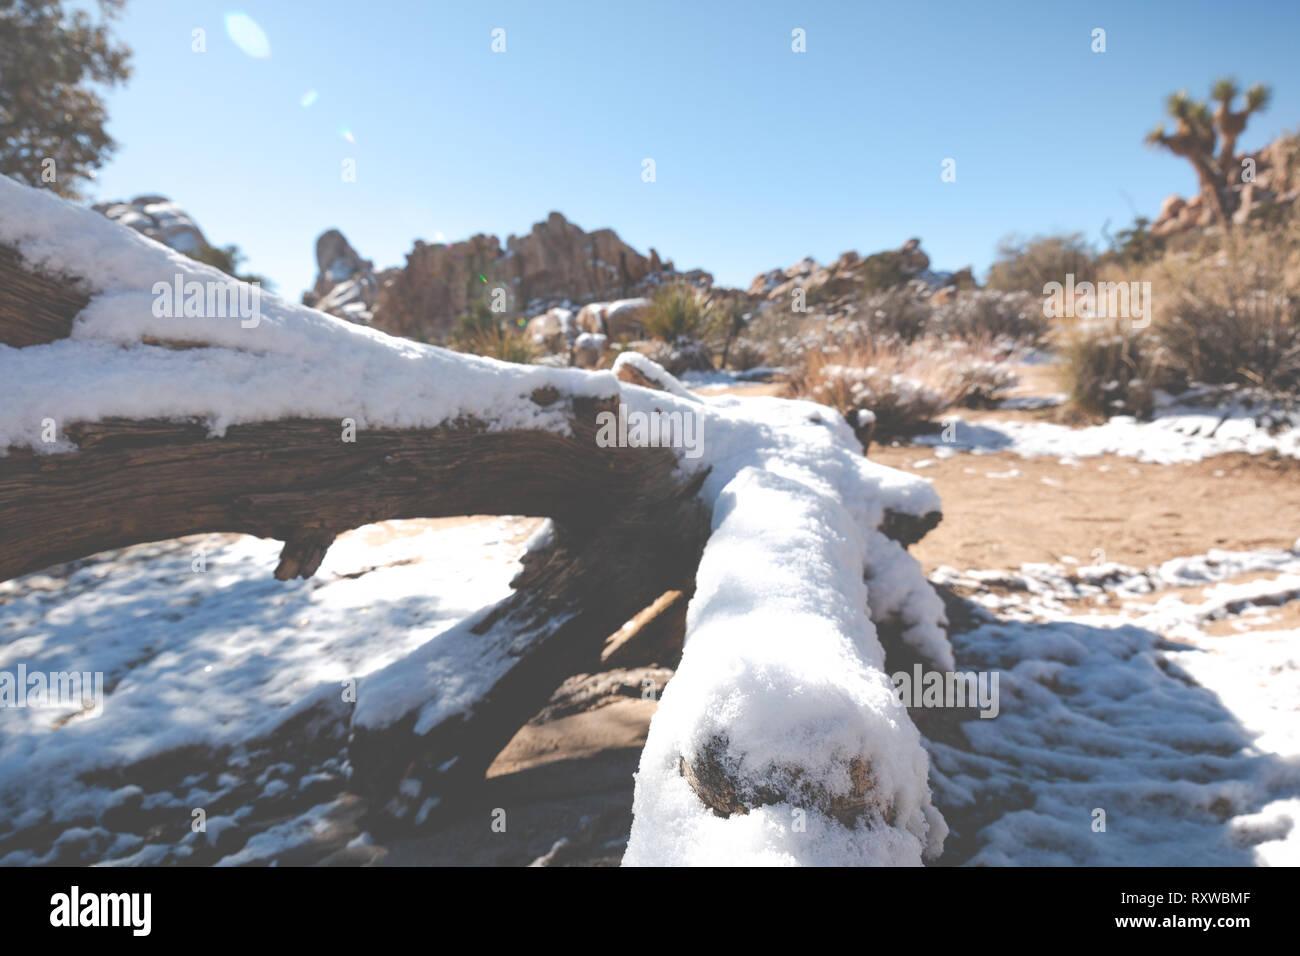 Snow Covered Log In The Desert Landscape Of Joshua Tree